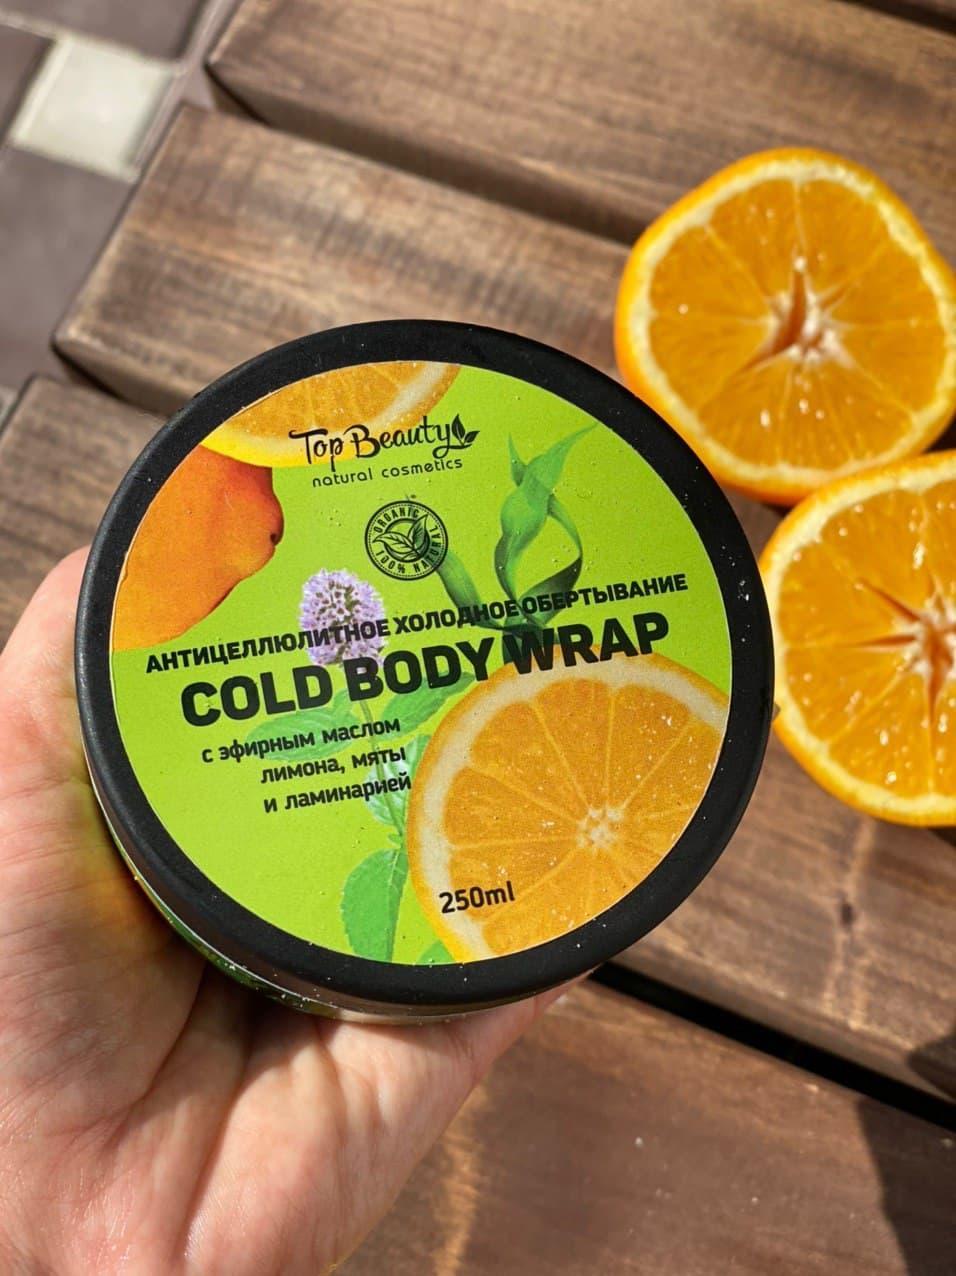 Антицелюлітне холодне обгортання Top Beauty Cold Body Wrap Лайм - М'ята - Імбир, 250 ml